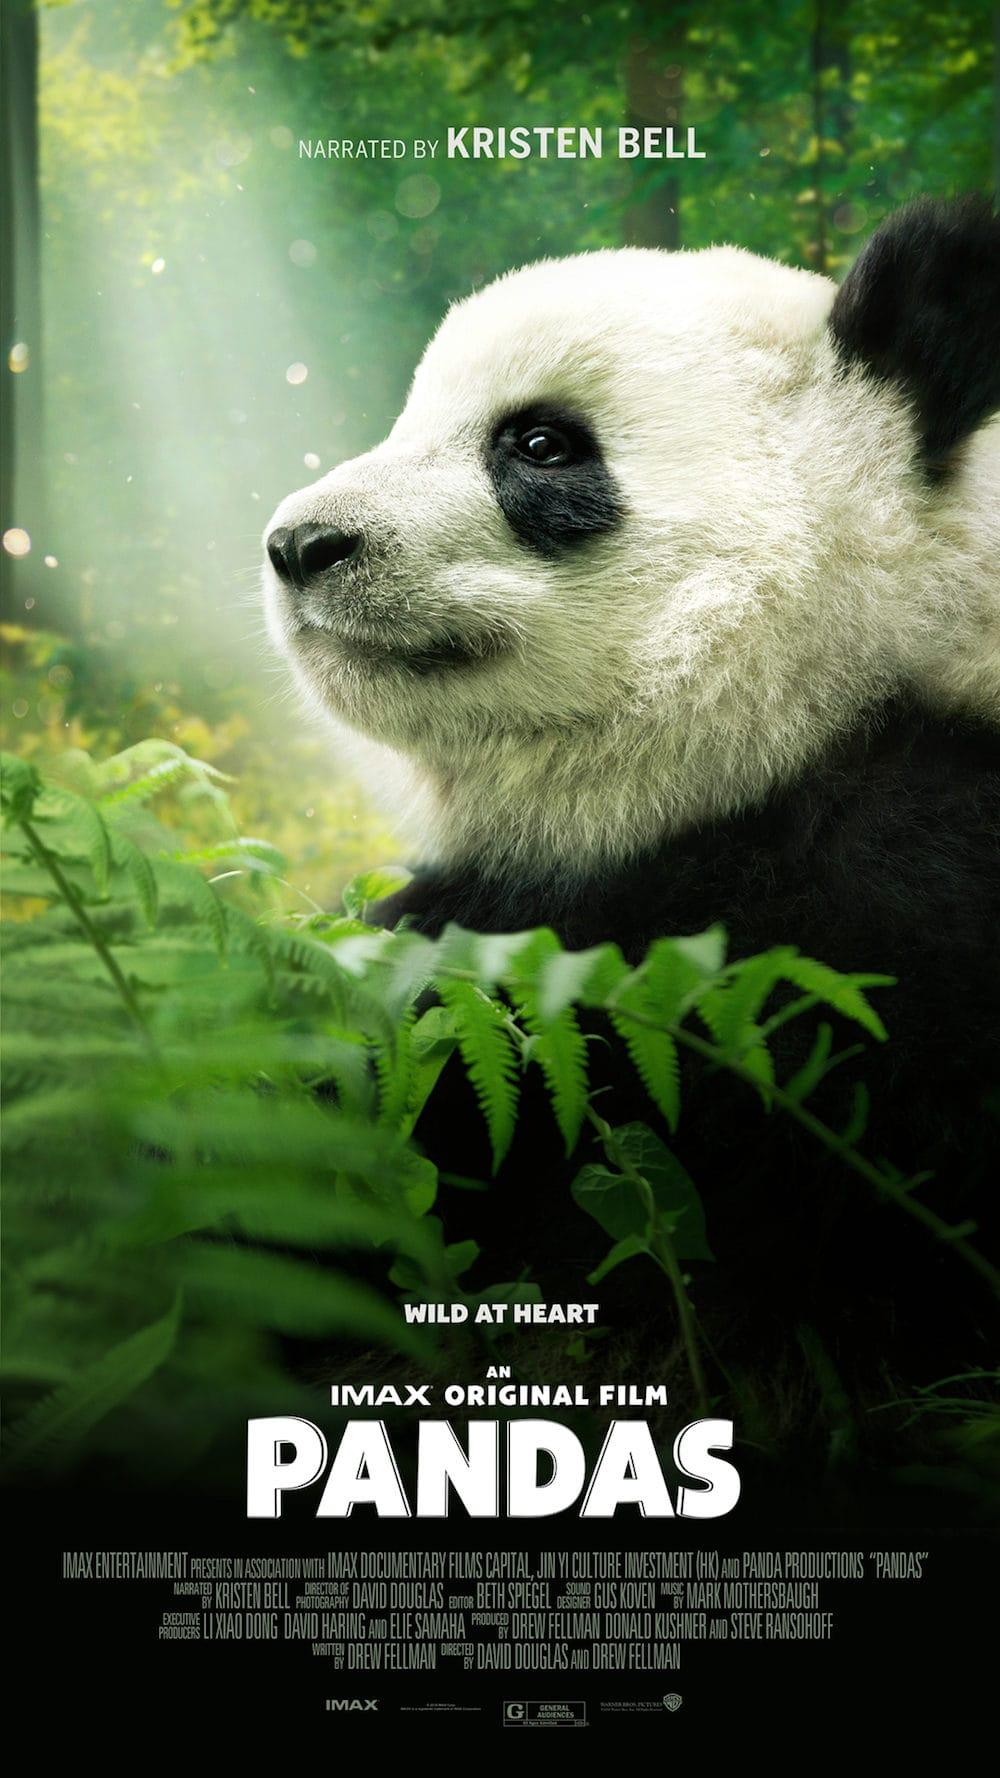 IMAX PANDAS movie poster